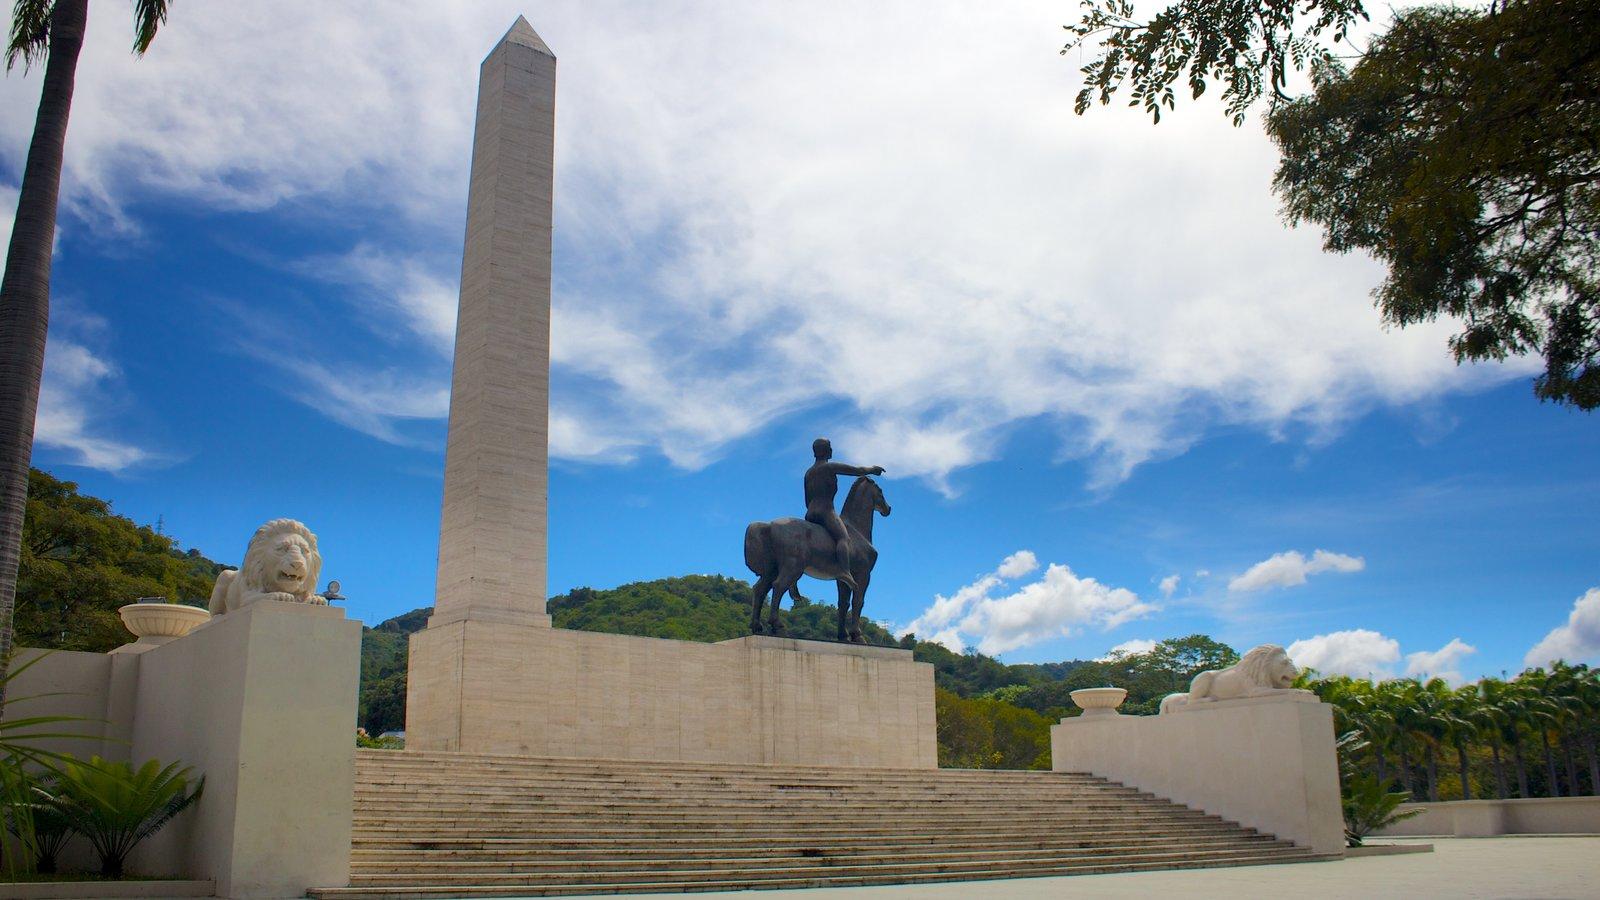 Paseo de los Próceres caracterizando um monumento e uma estátua ou escultura